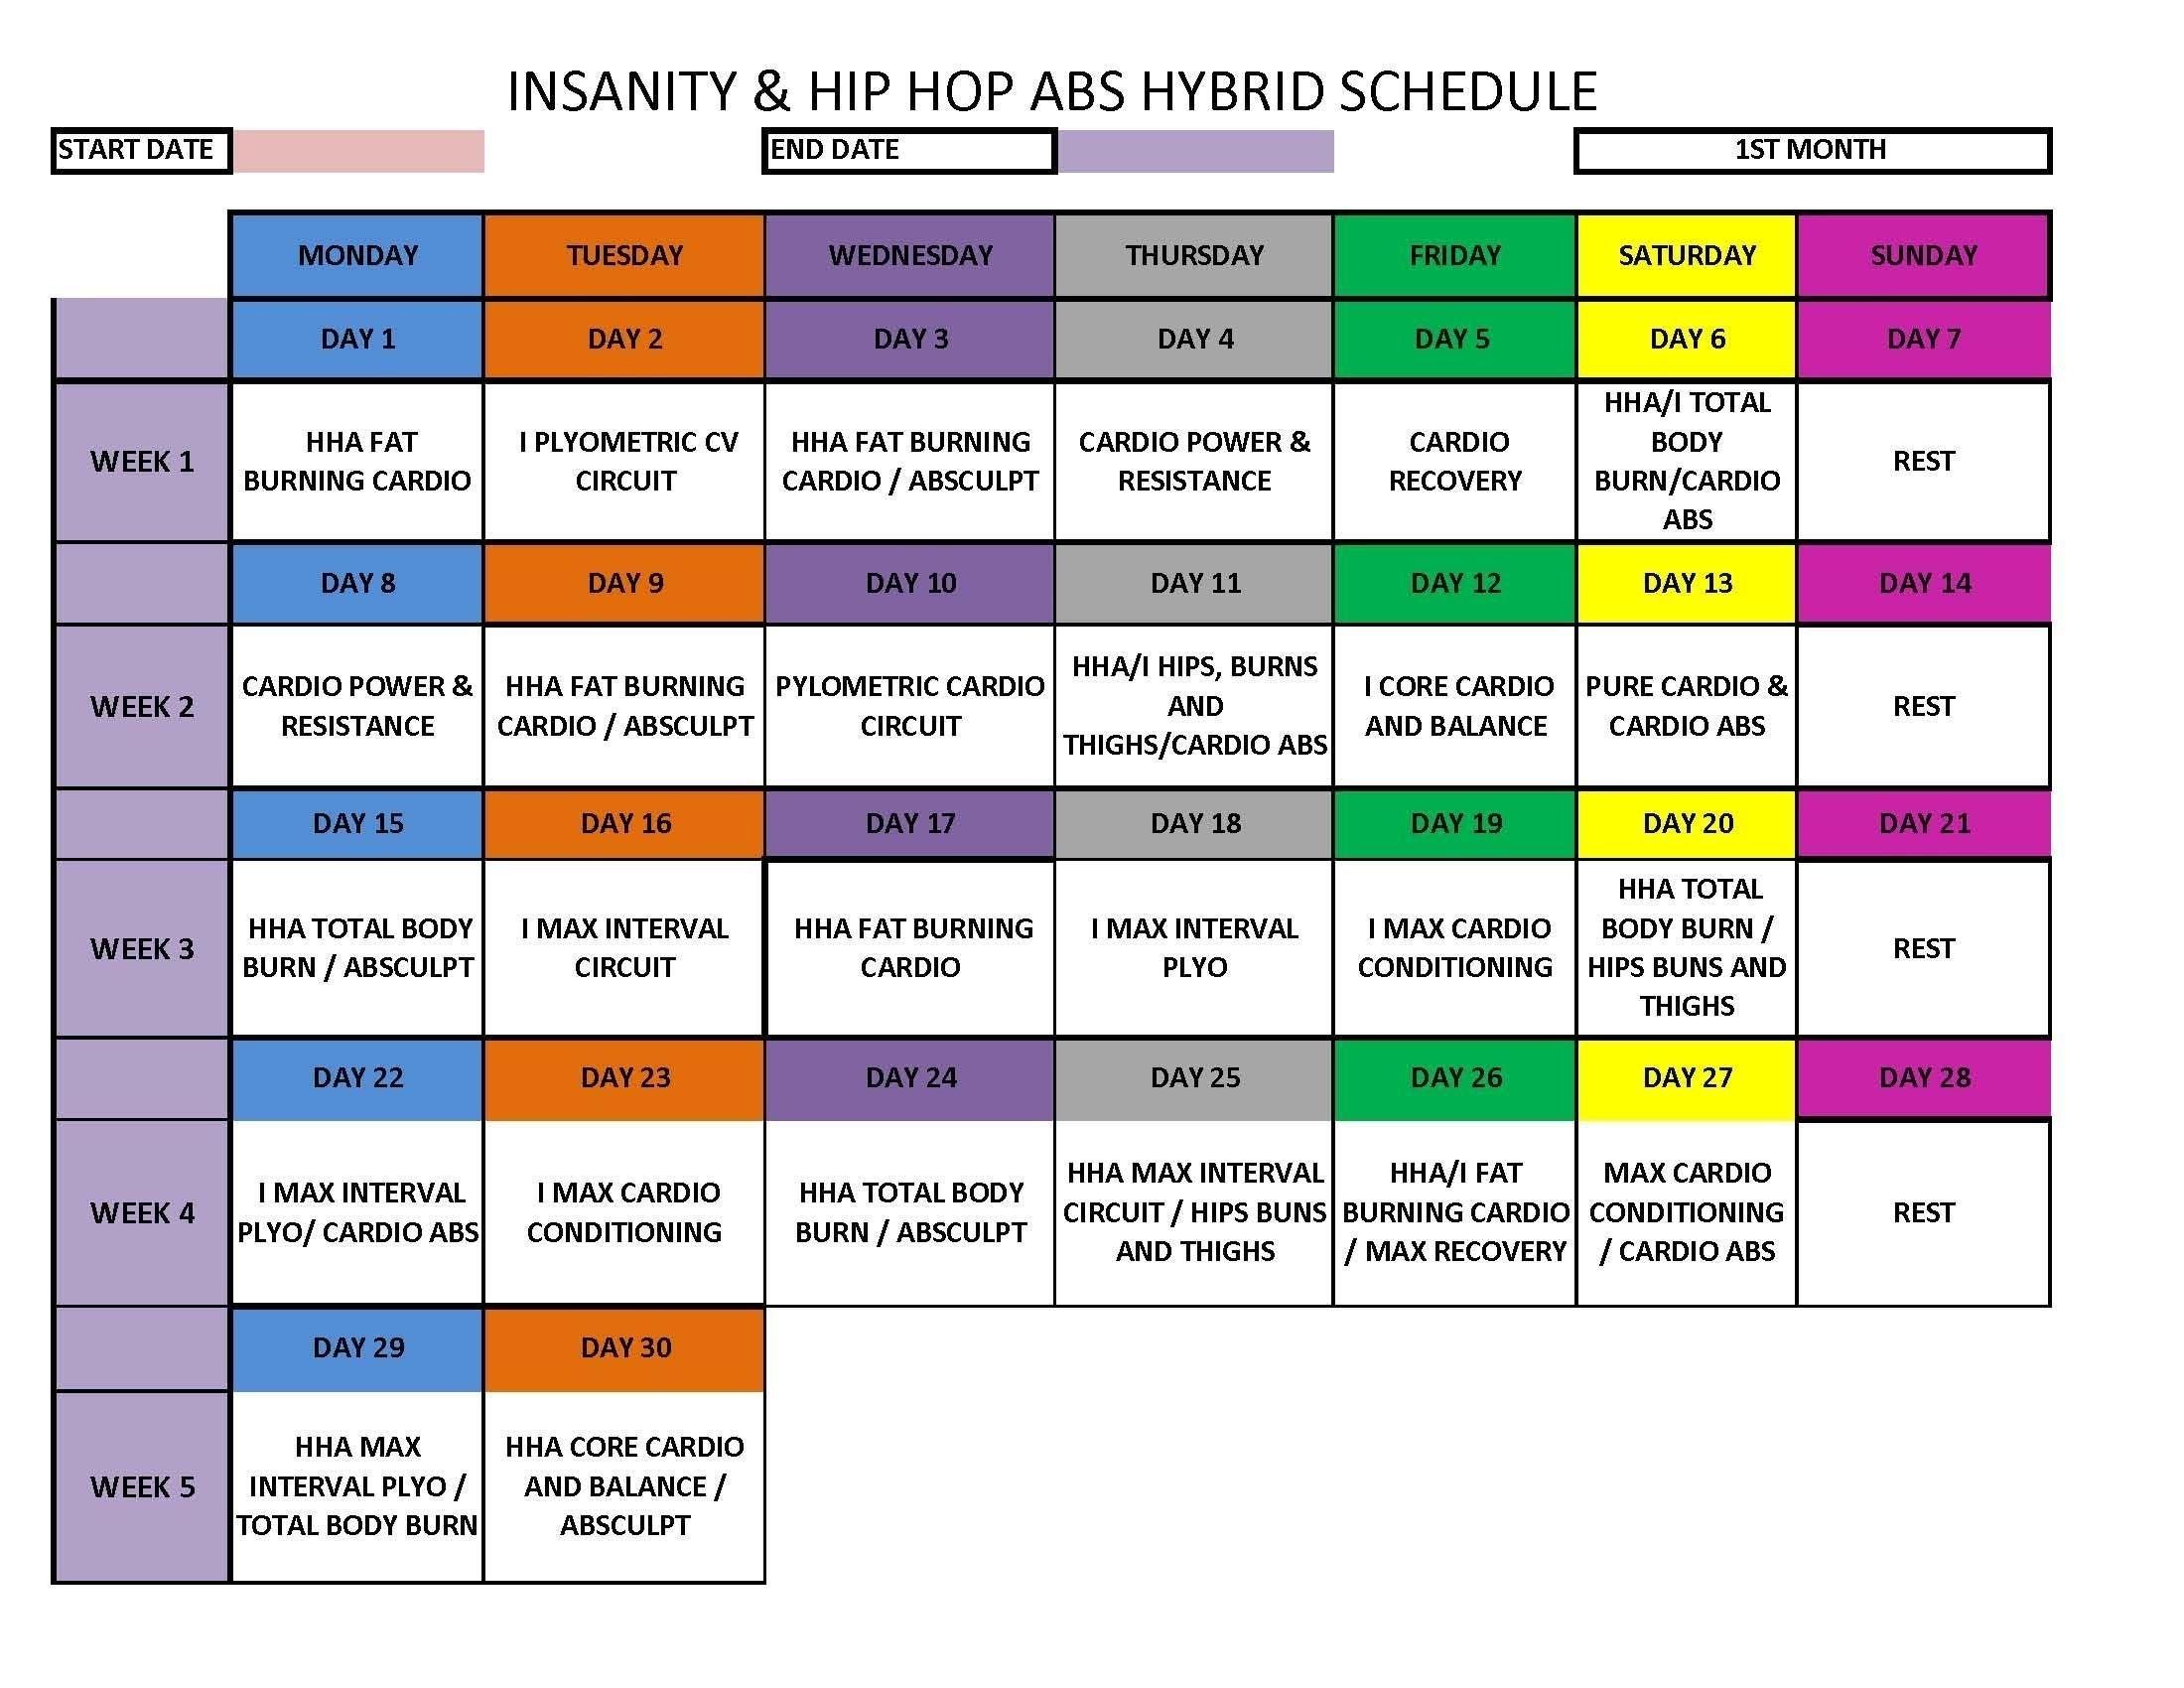 Collect Hip Hop Abs Calendar Printable